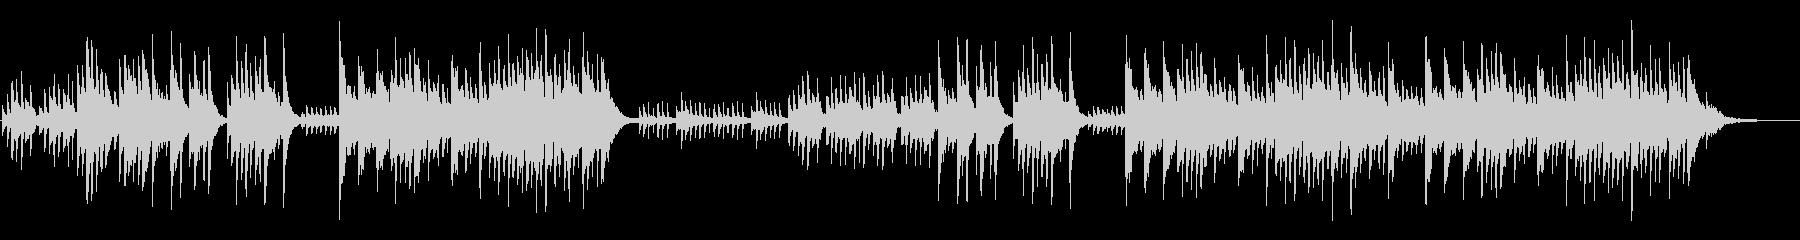 優しいメロディの新感覚ヒーリングピアノの未再生の波形